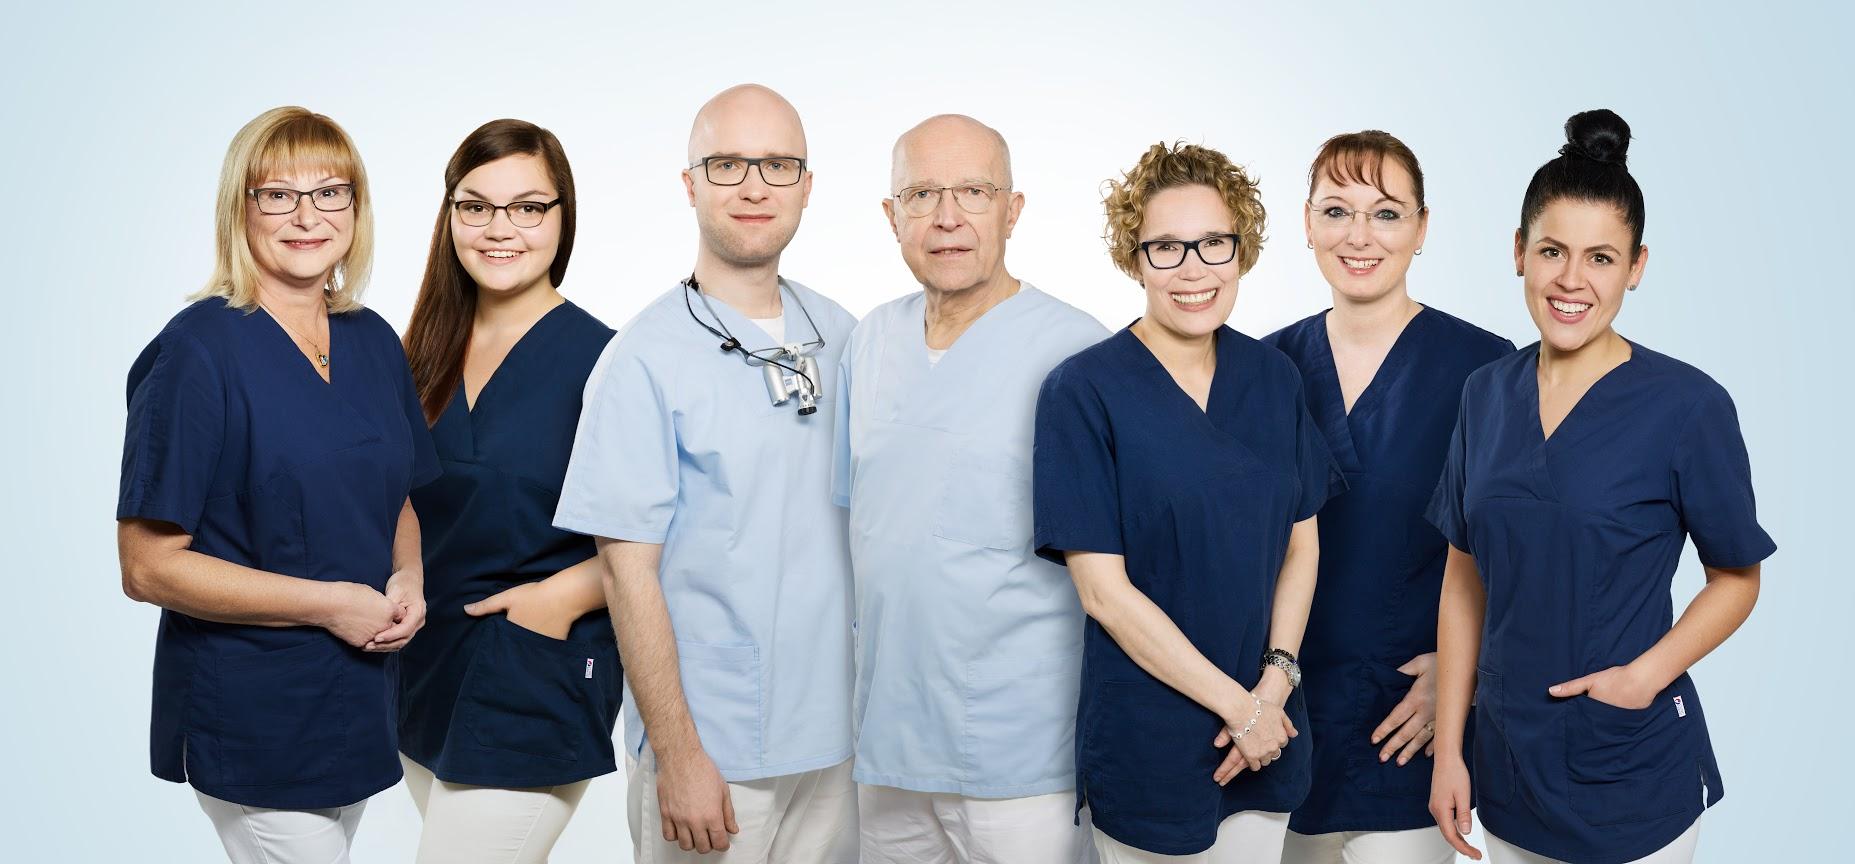 Das sympathische Team Zahnarzt Dr.Kracht Duisburg